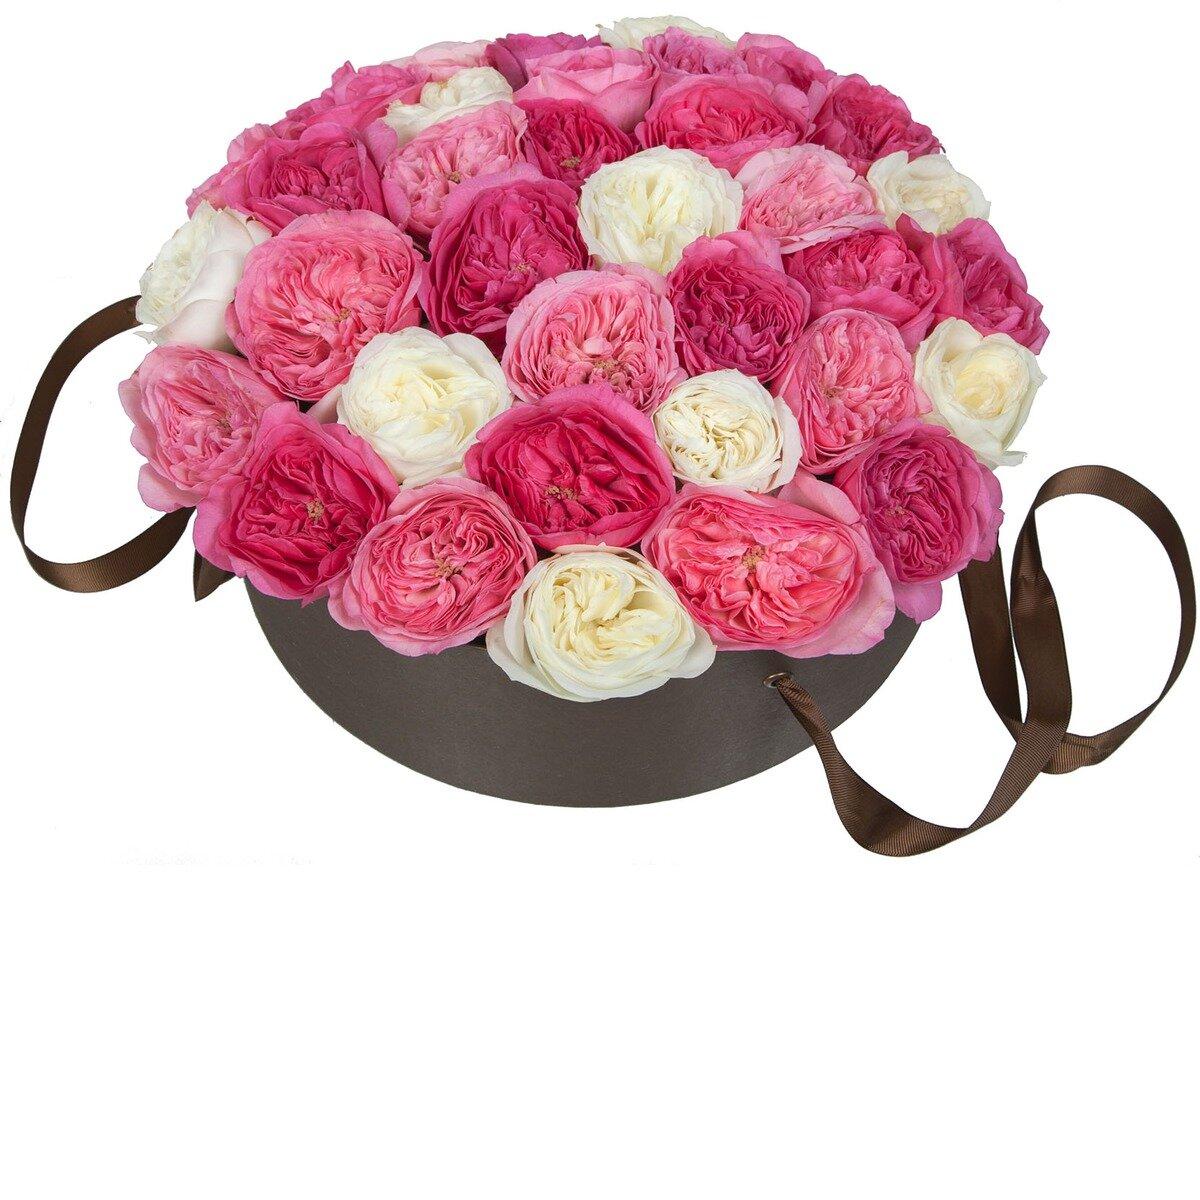 Февраля, москва доставка цветов круглосуточно киевская